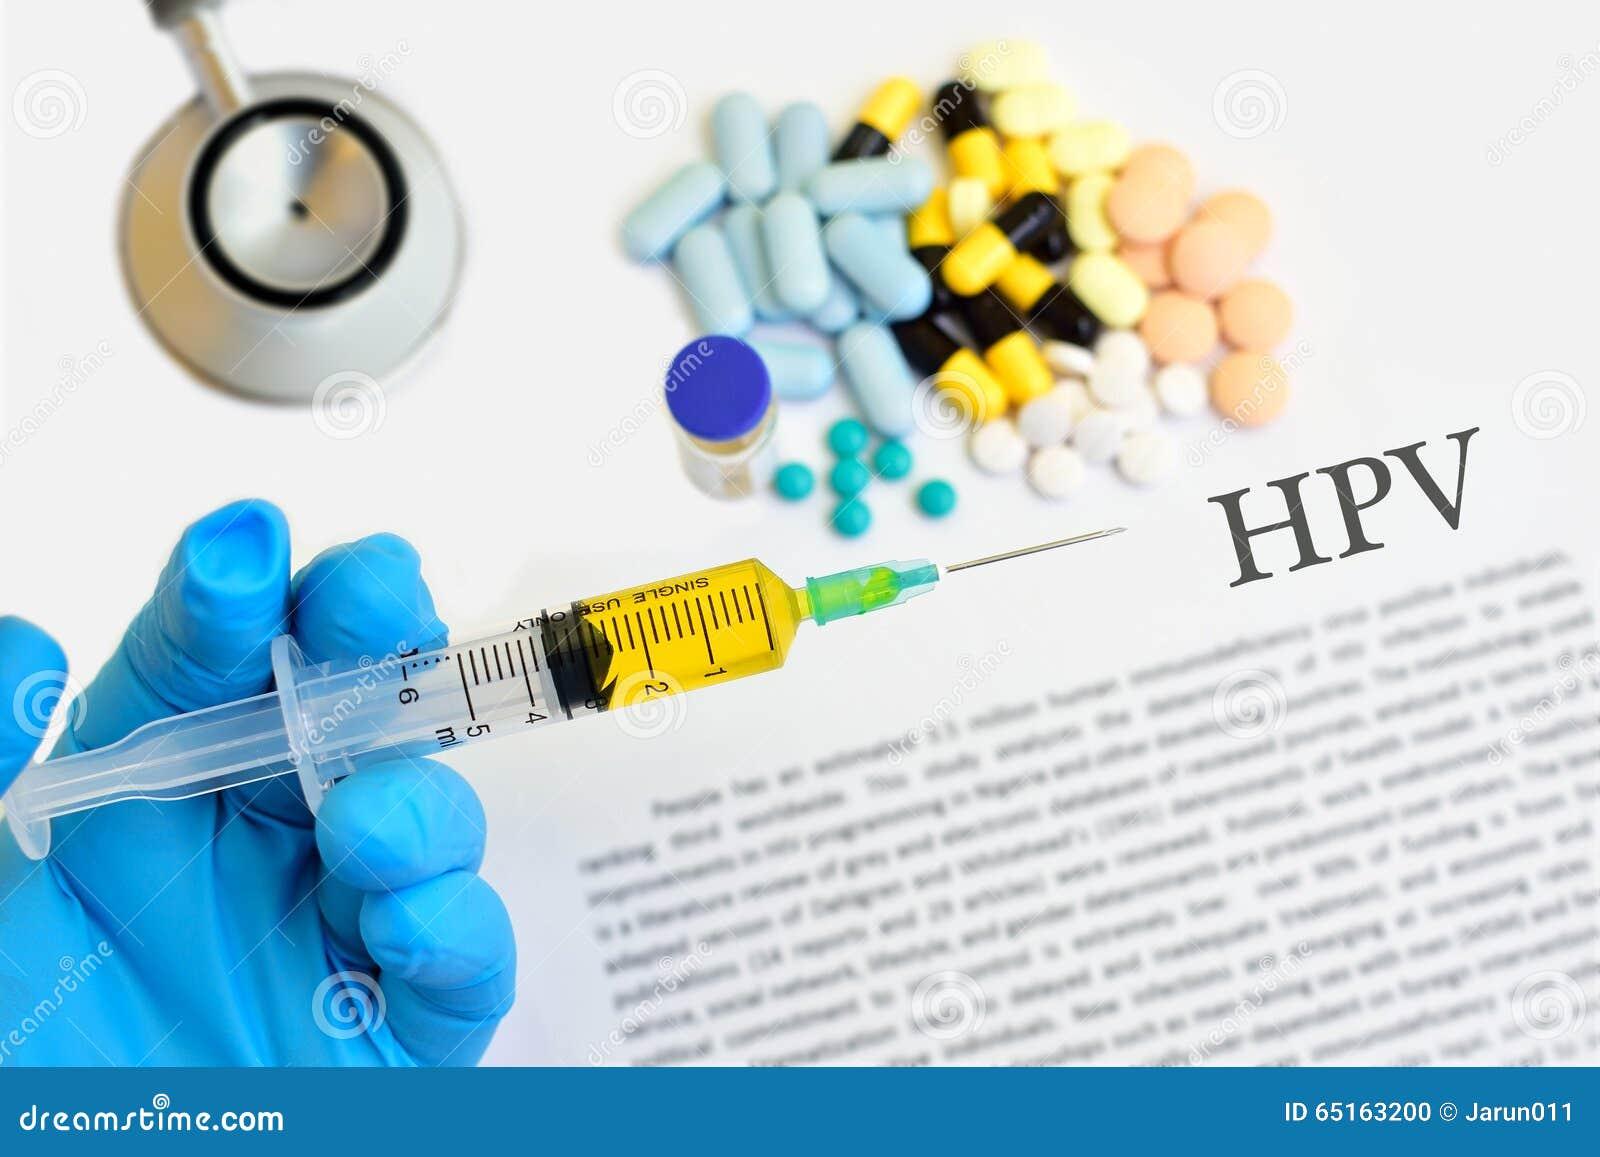 maladie papillomavirus traitement)